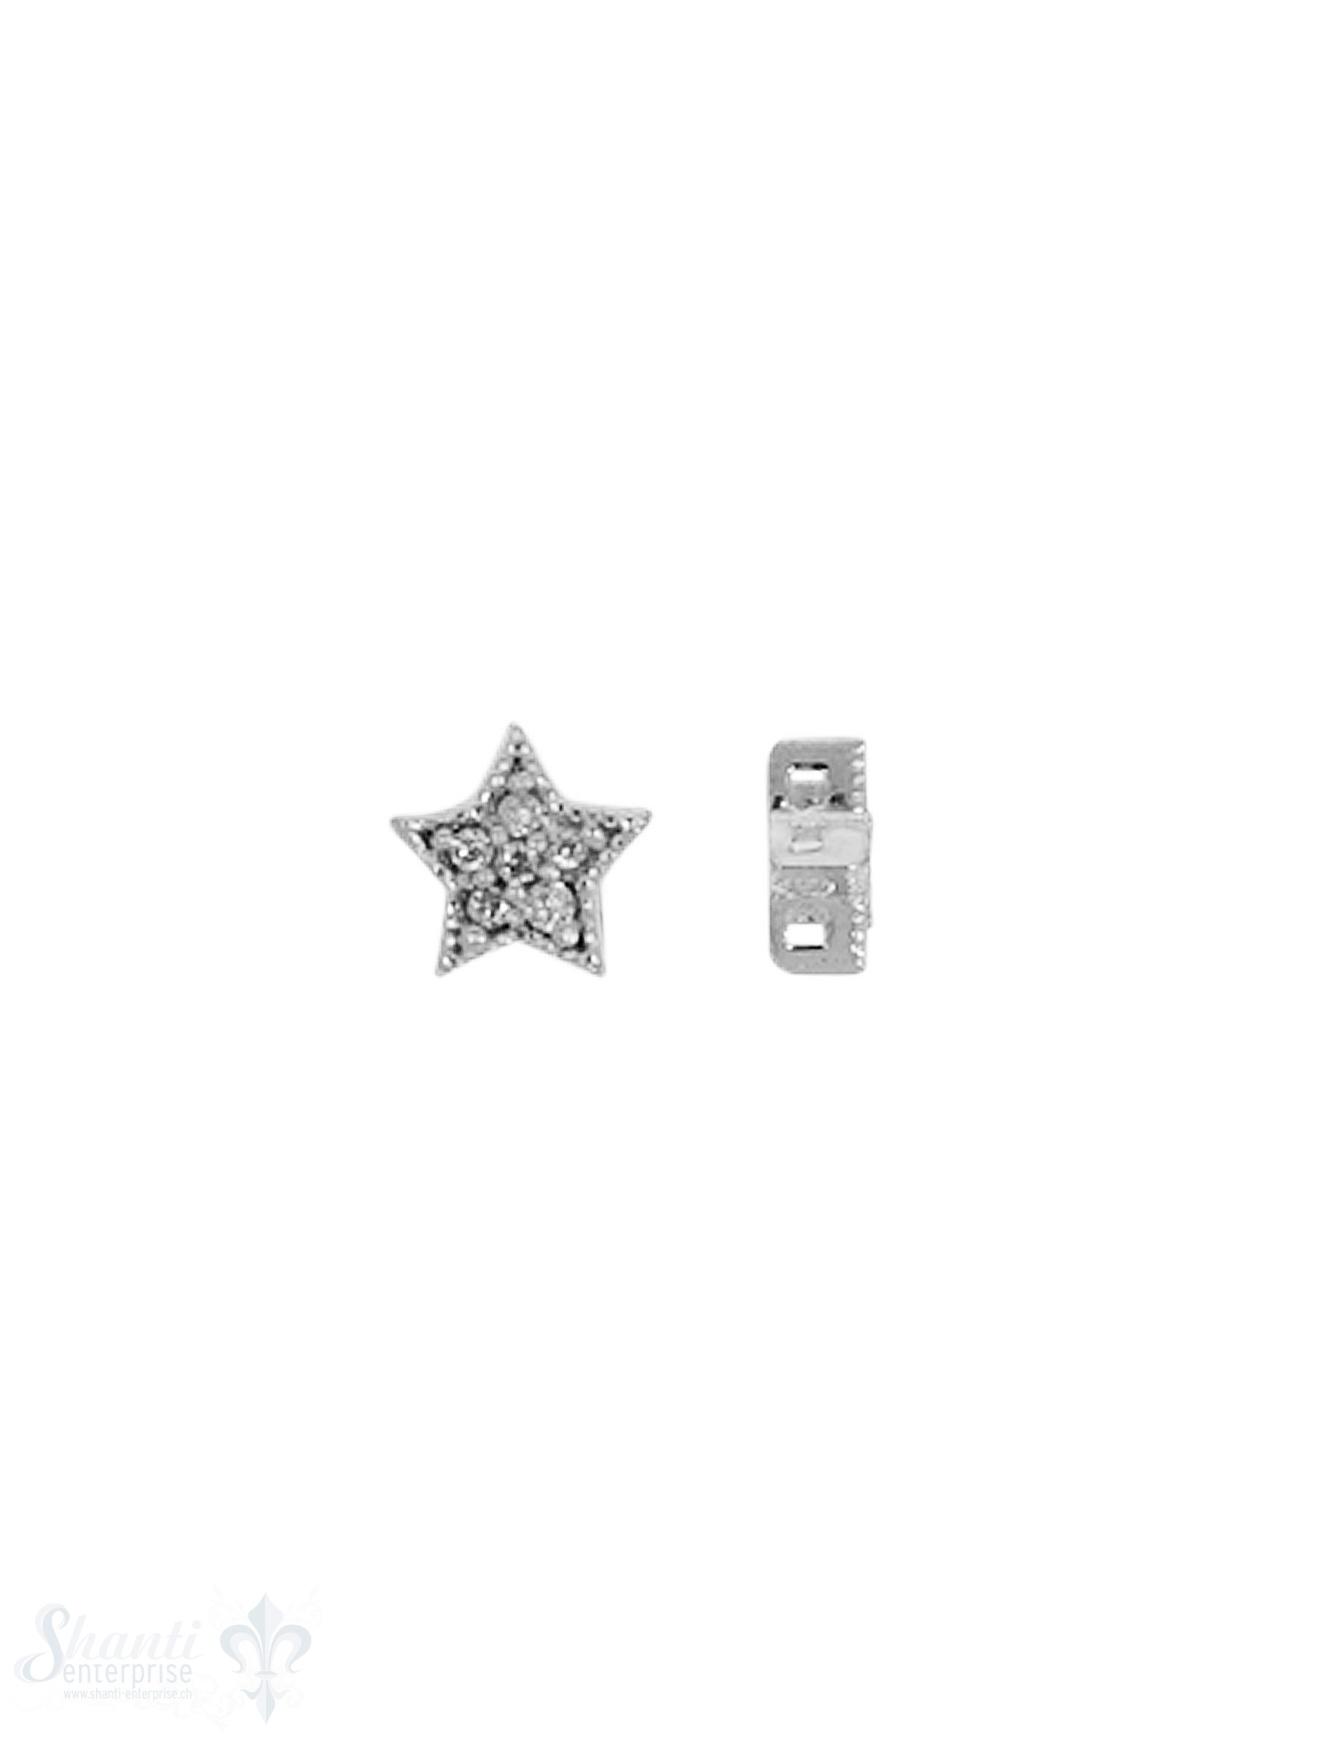 Silberzwischenteil Stern verziert 6 mm mit Zirkoni